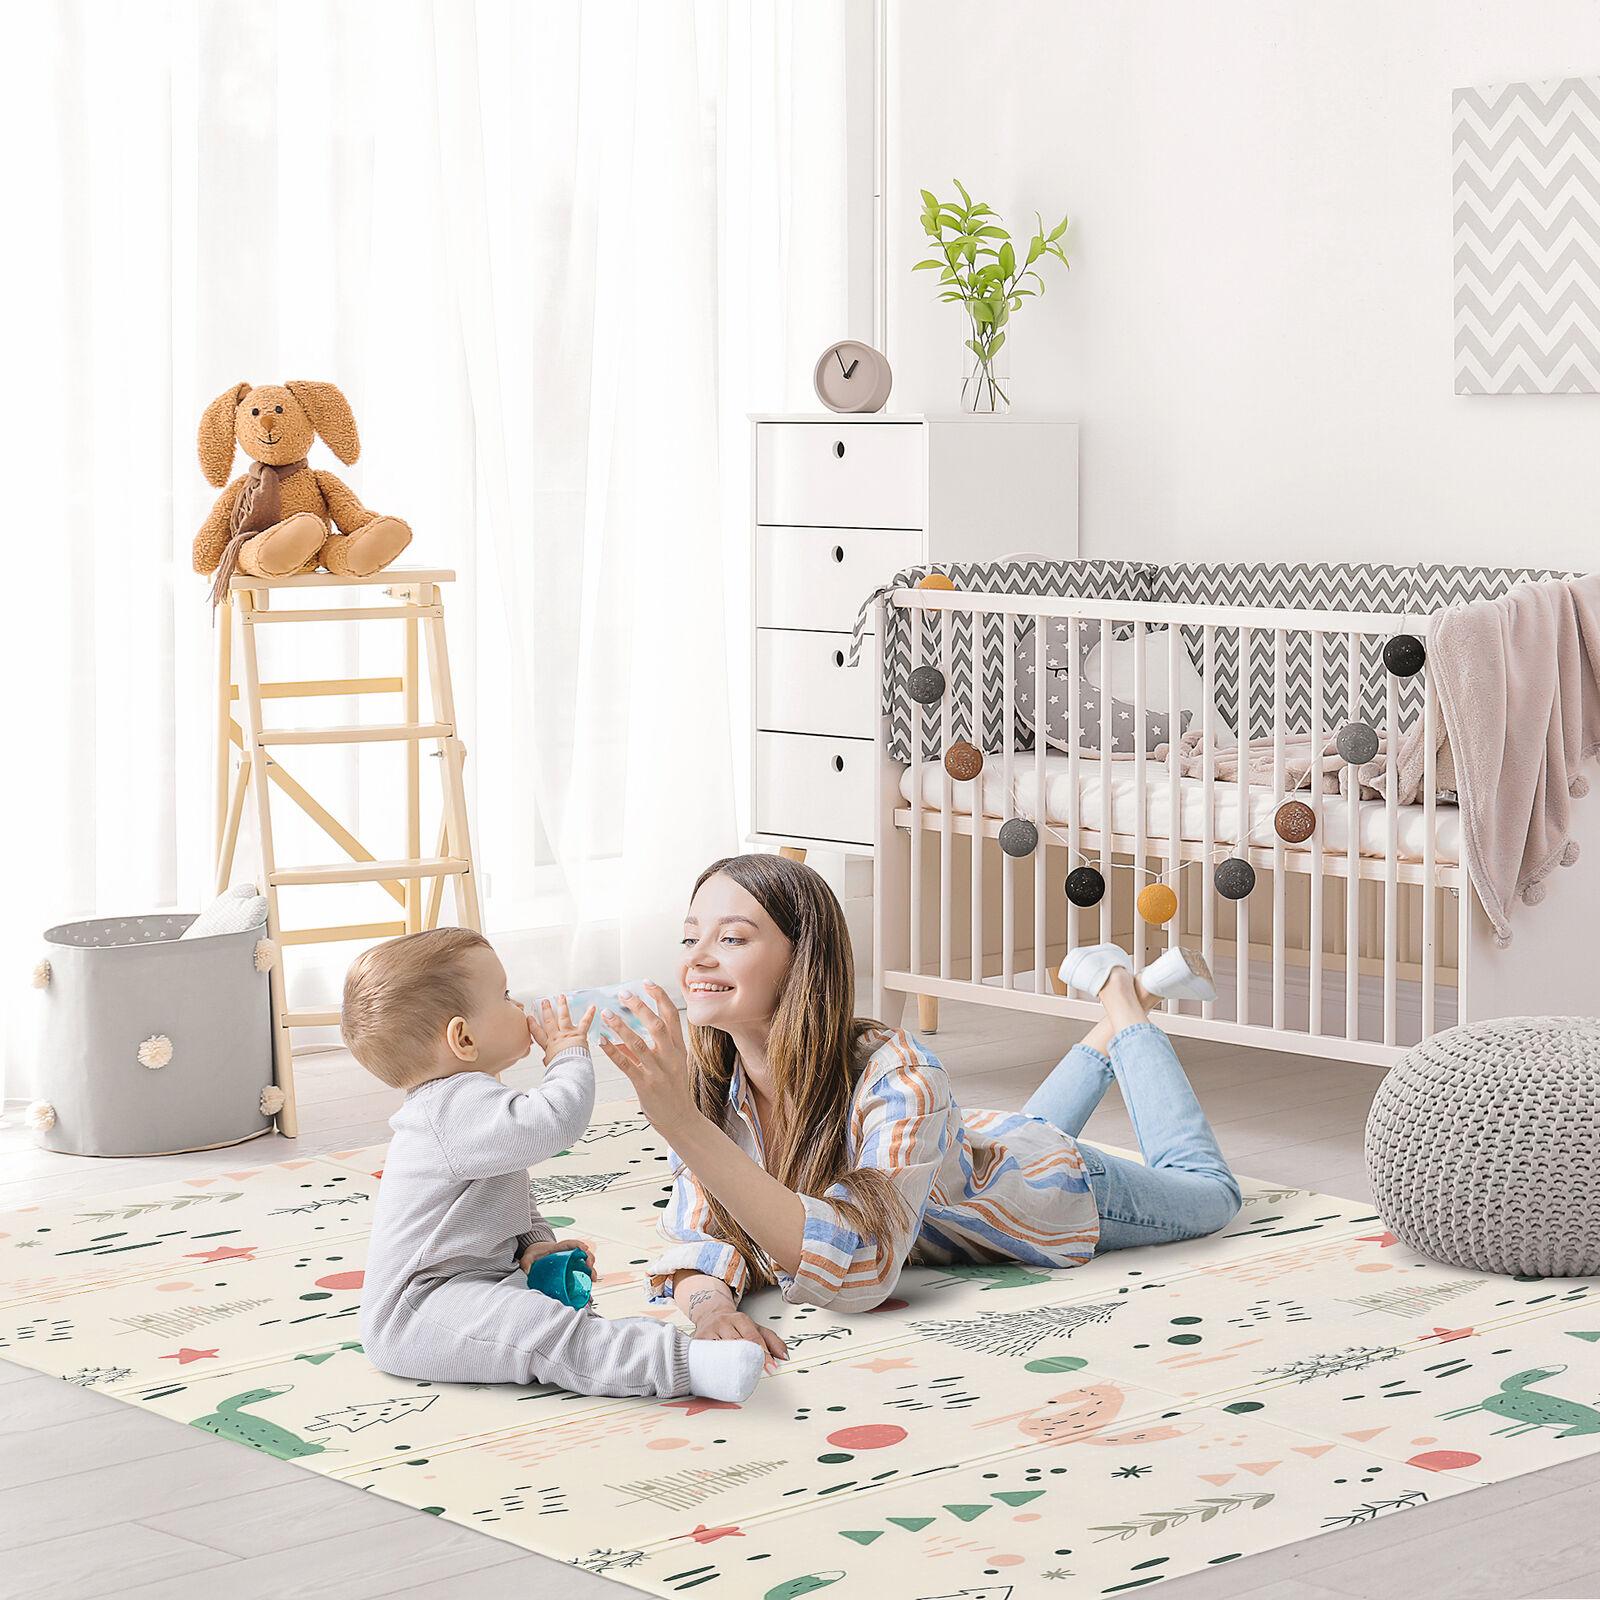 Alfombra Infantil Plegable Reversible Acolchado 2 Caras Impermeable 200x150 cm